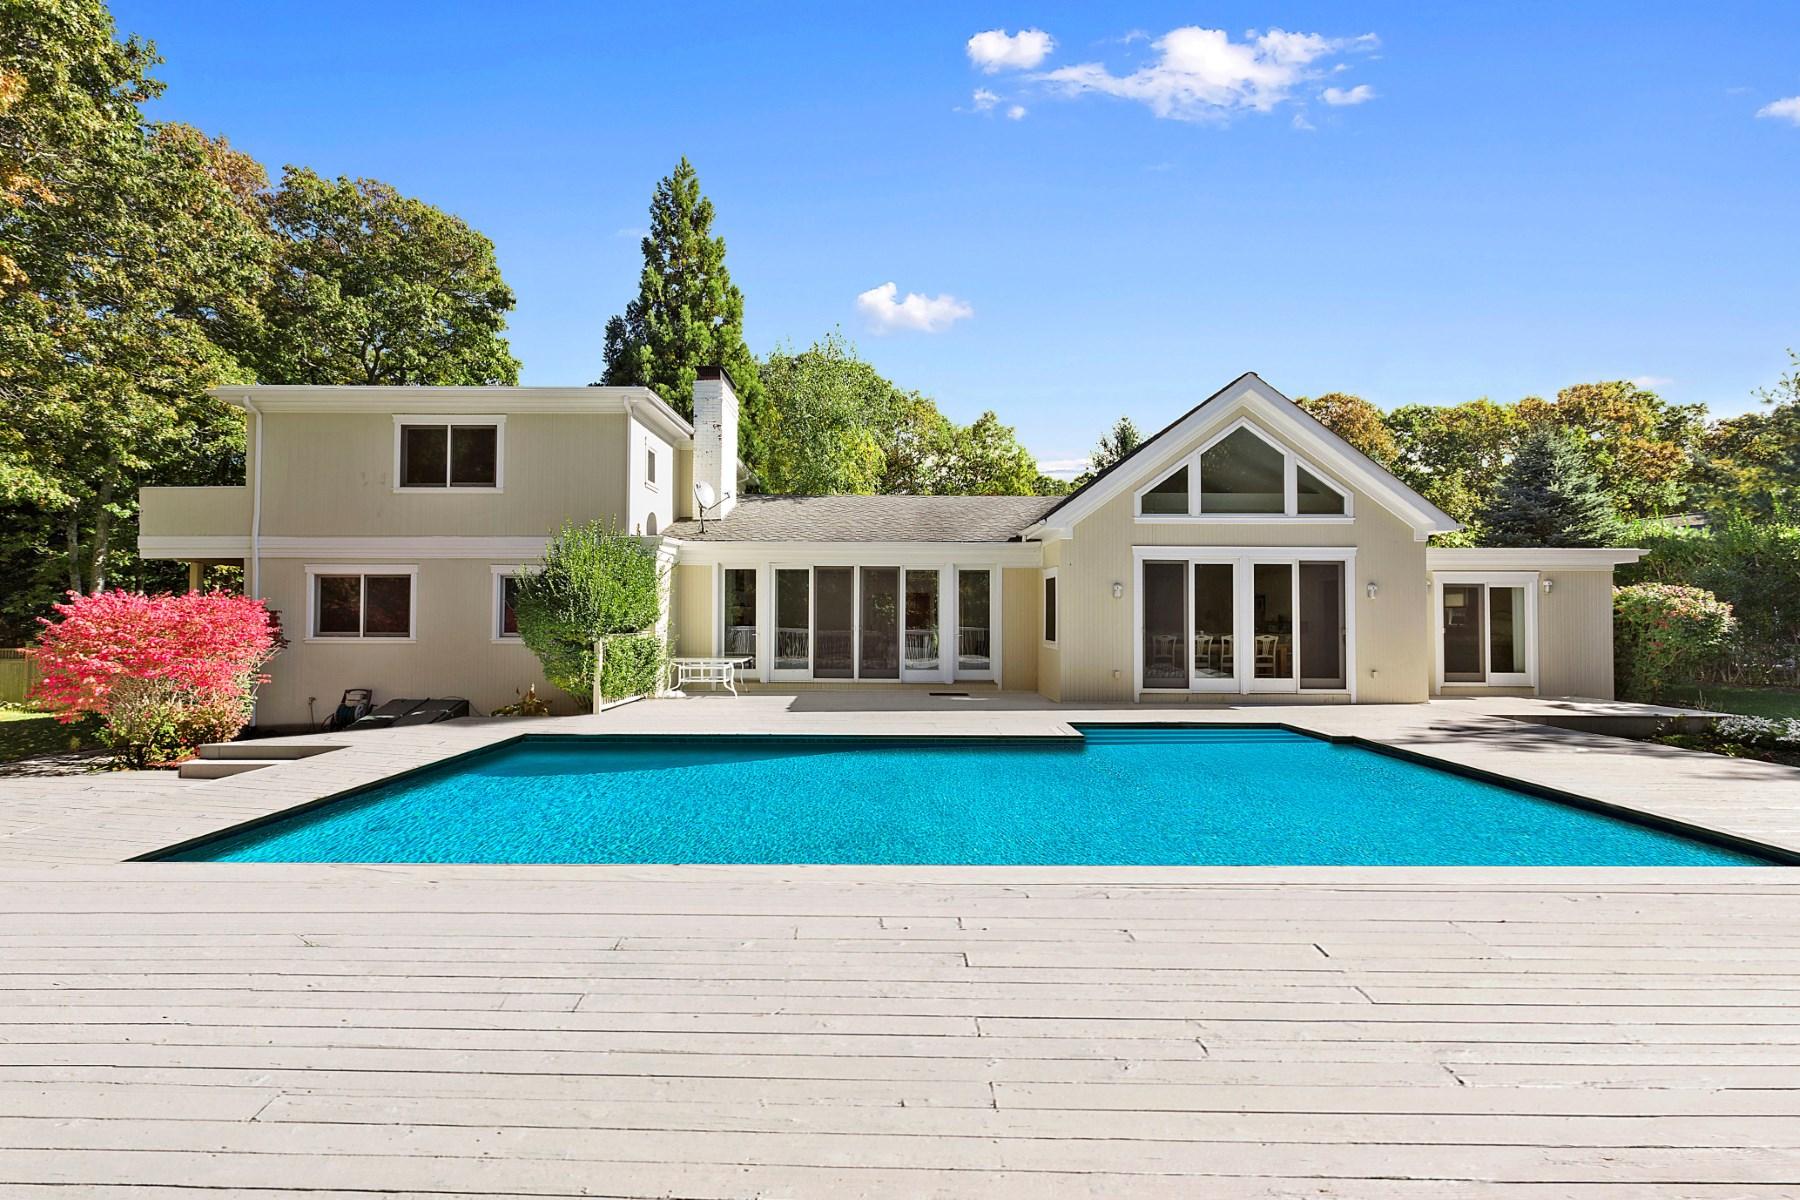 Maison unifamiliale pour l Vente à East Hampton Contemporary with Bay Views 15 Semaphore East Hampton, New York 11937 États-Unis